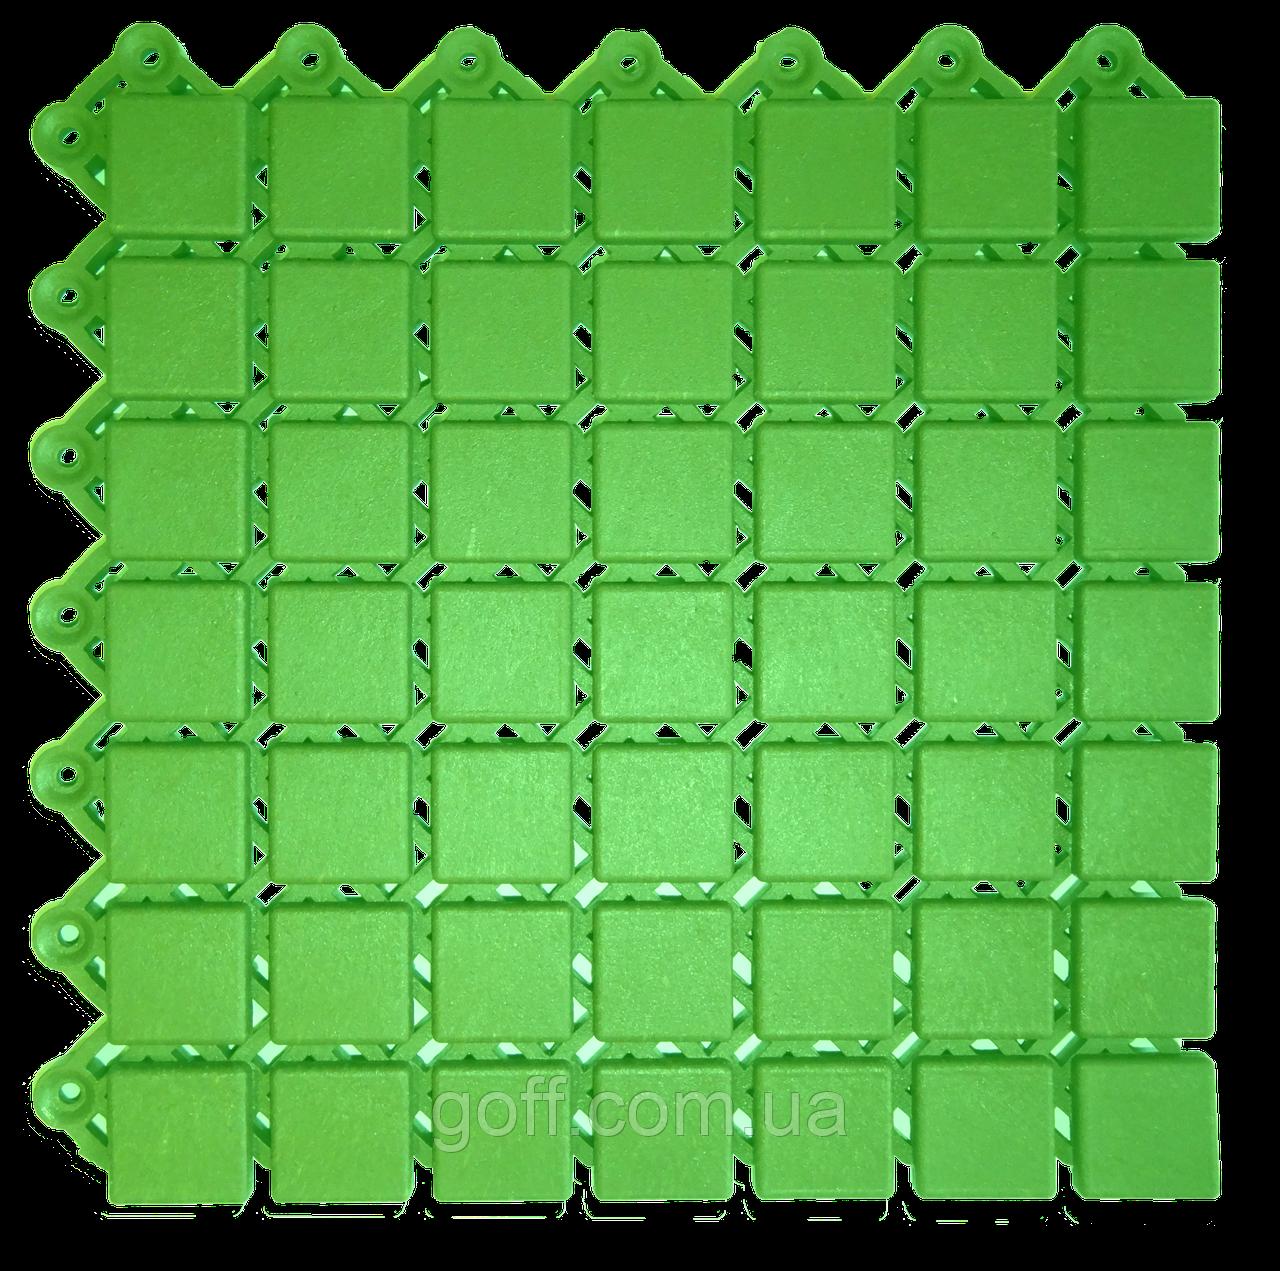 200х200х12мм Модульное покрытие для бассейнов и душевых Каре, фото 1